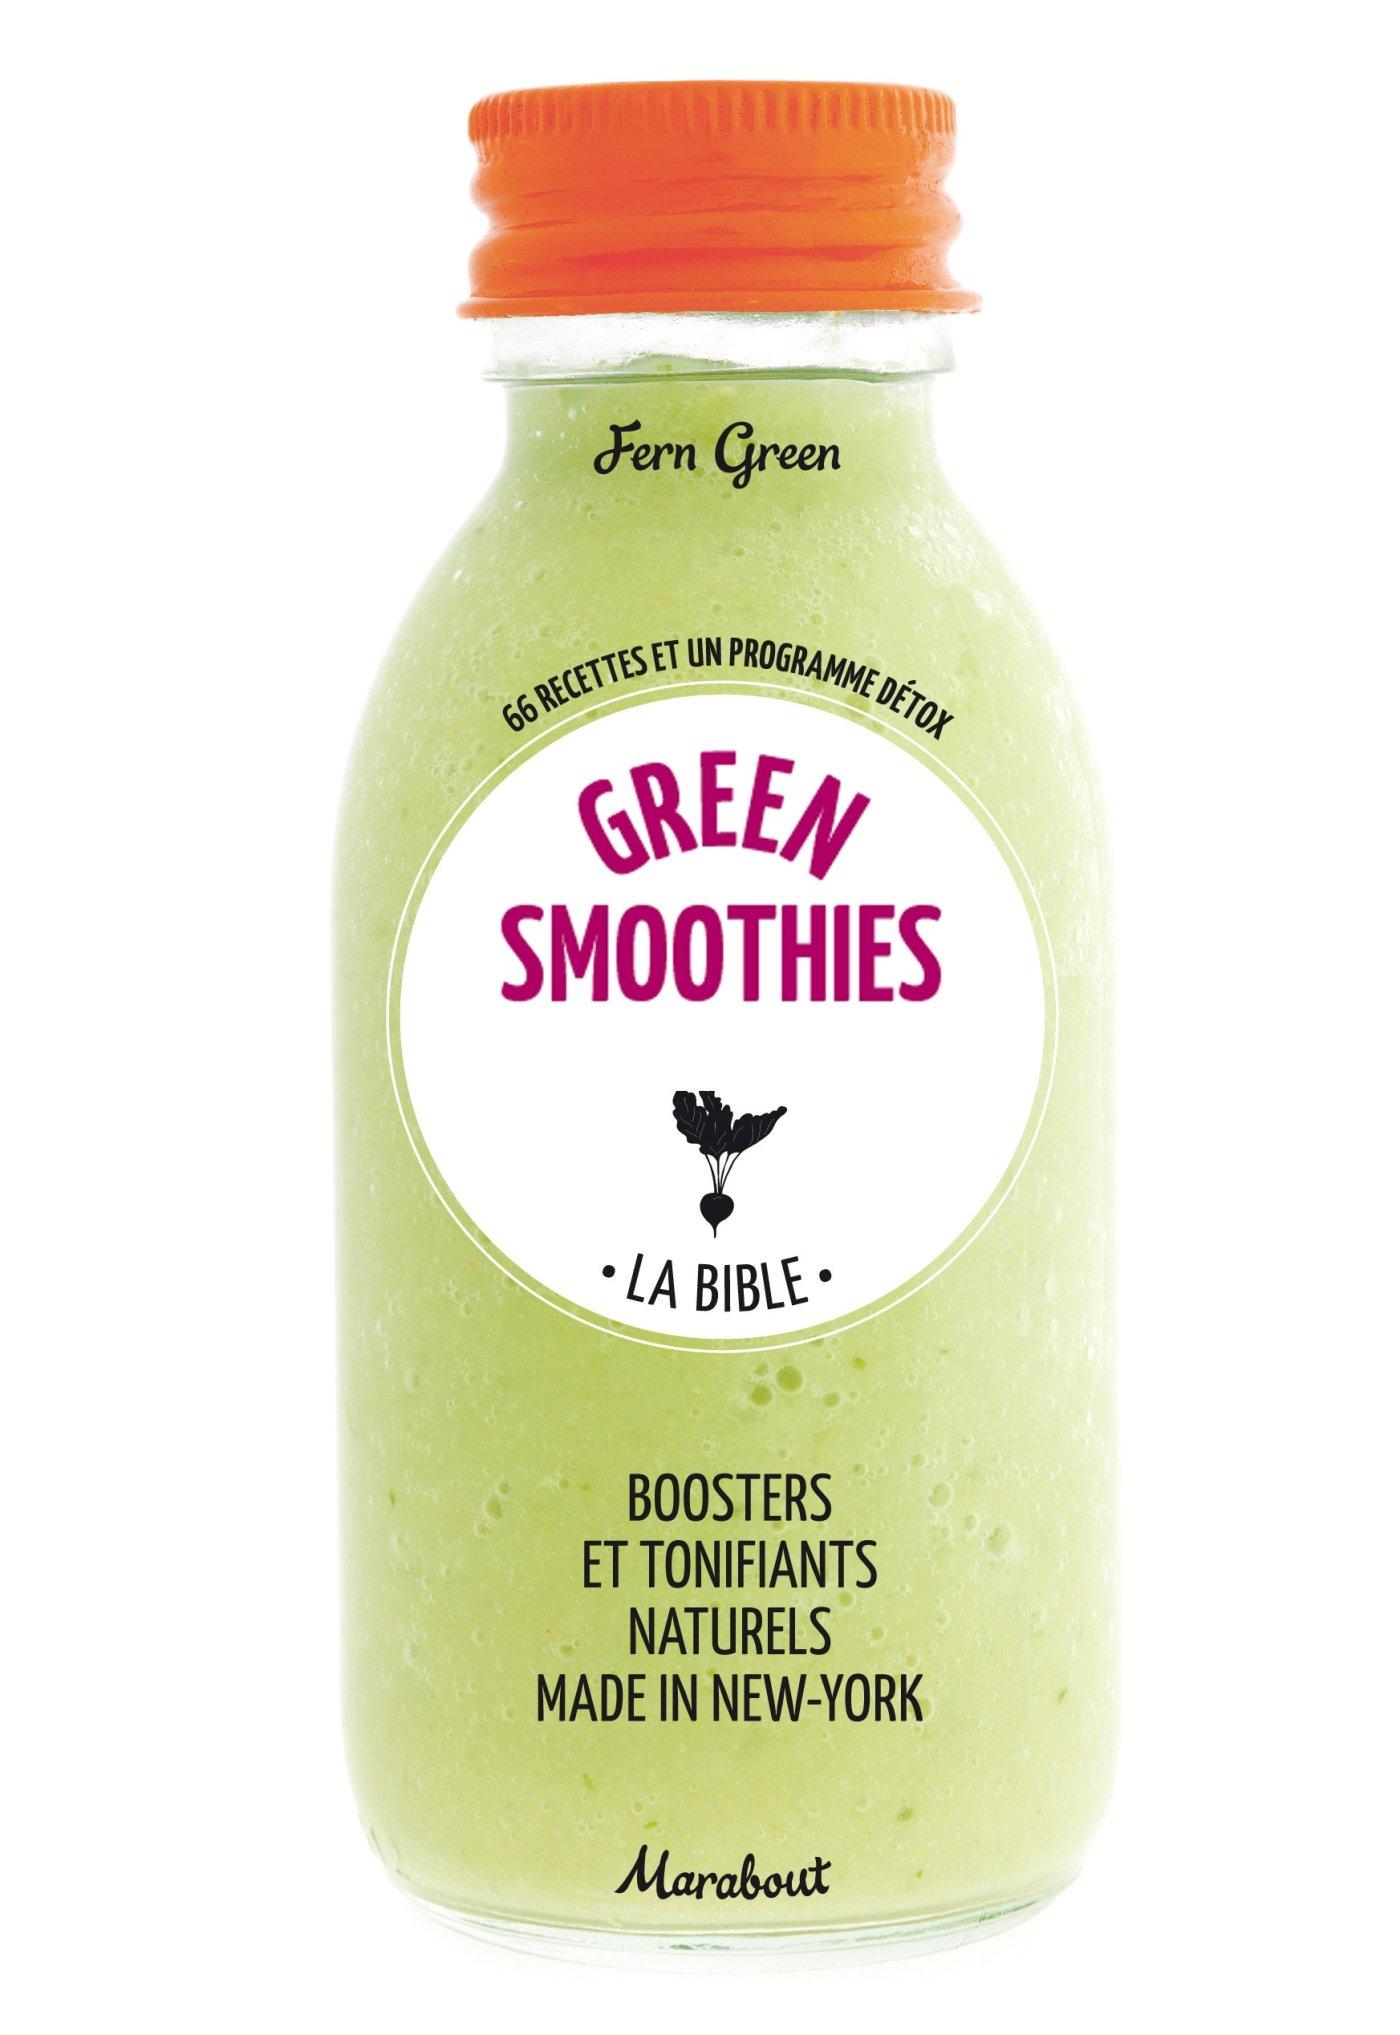 Smoothie detoxifiant cu kiwi, avocado si spanac in | Smoothies, Avocado, Kiwi